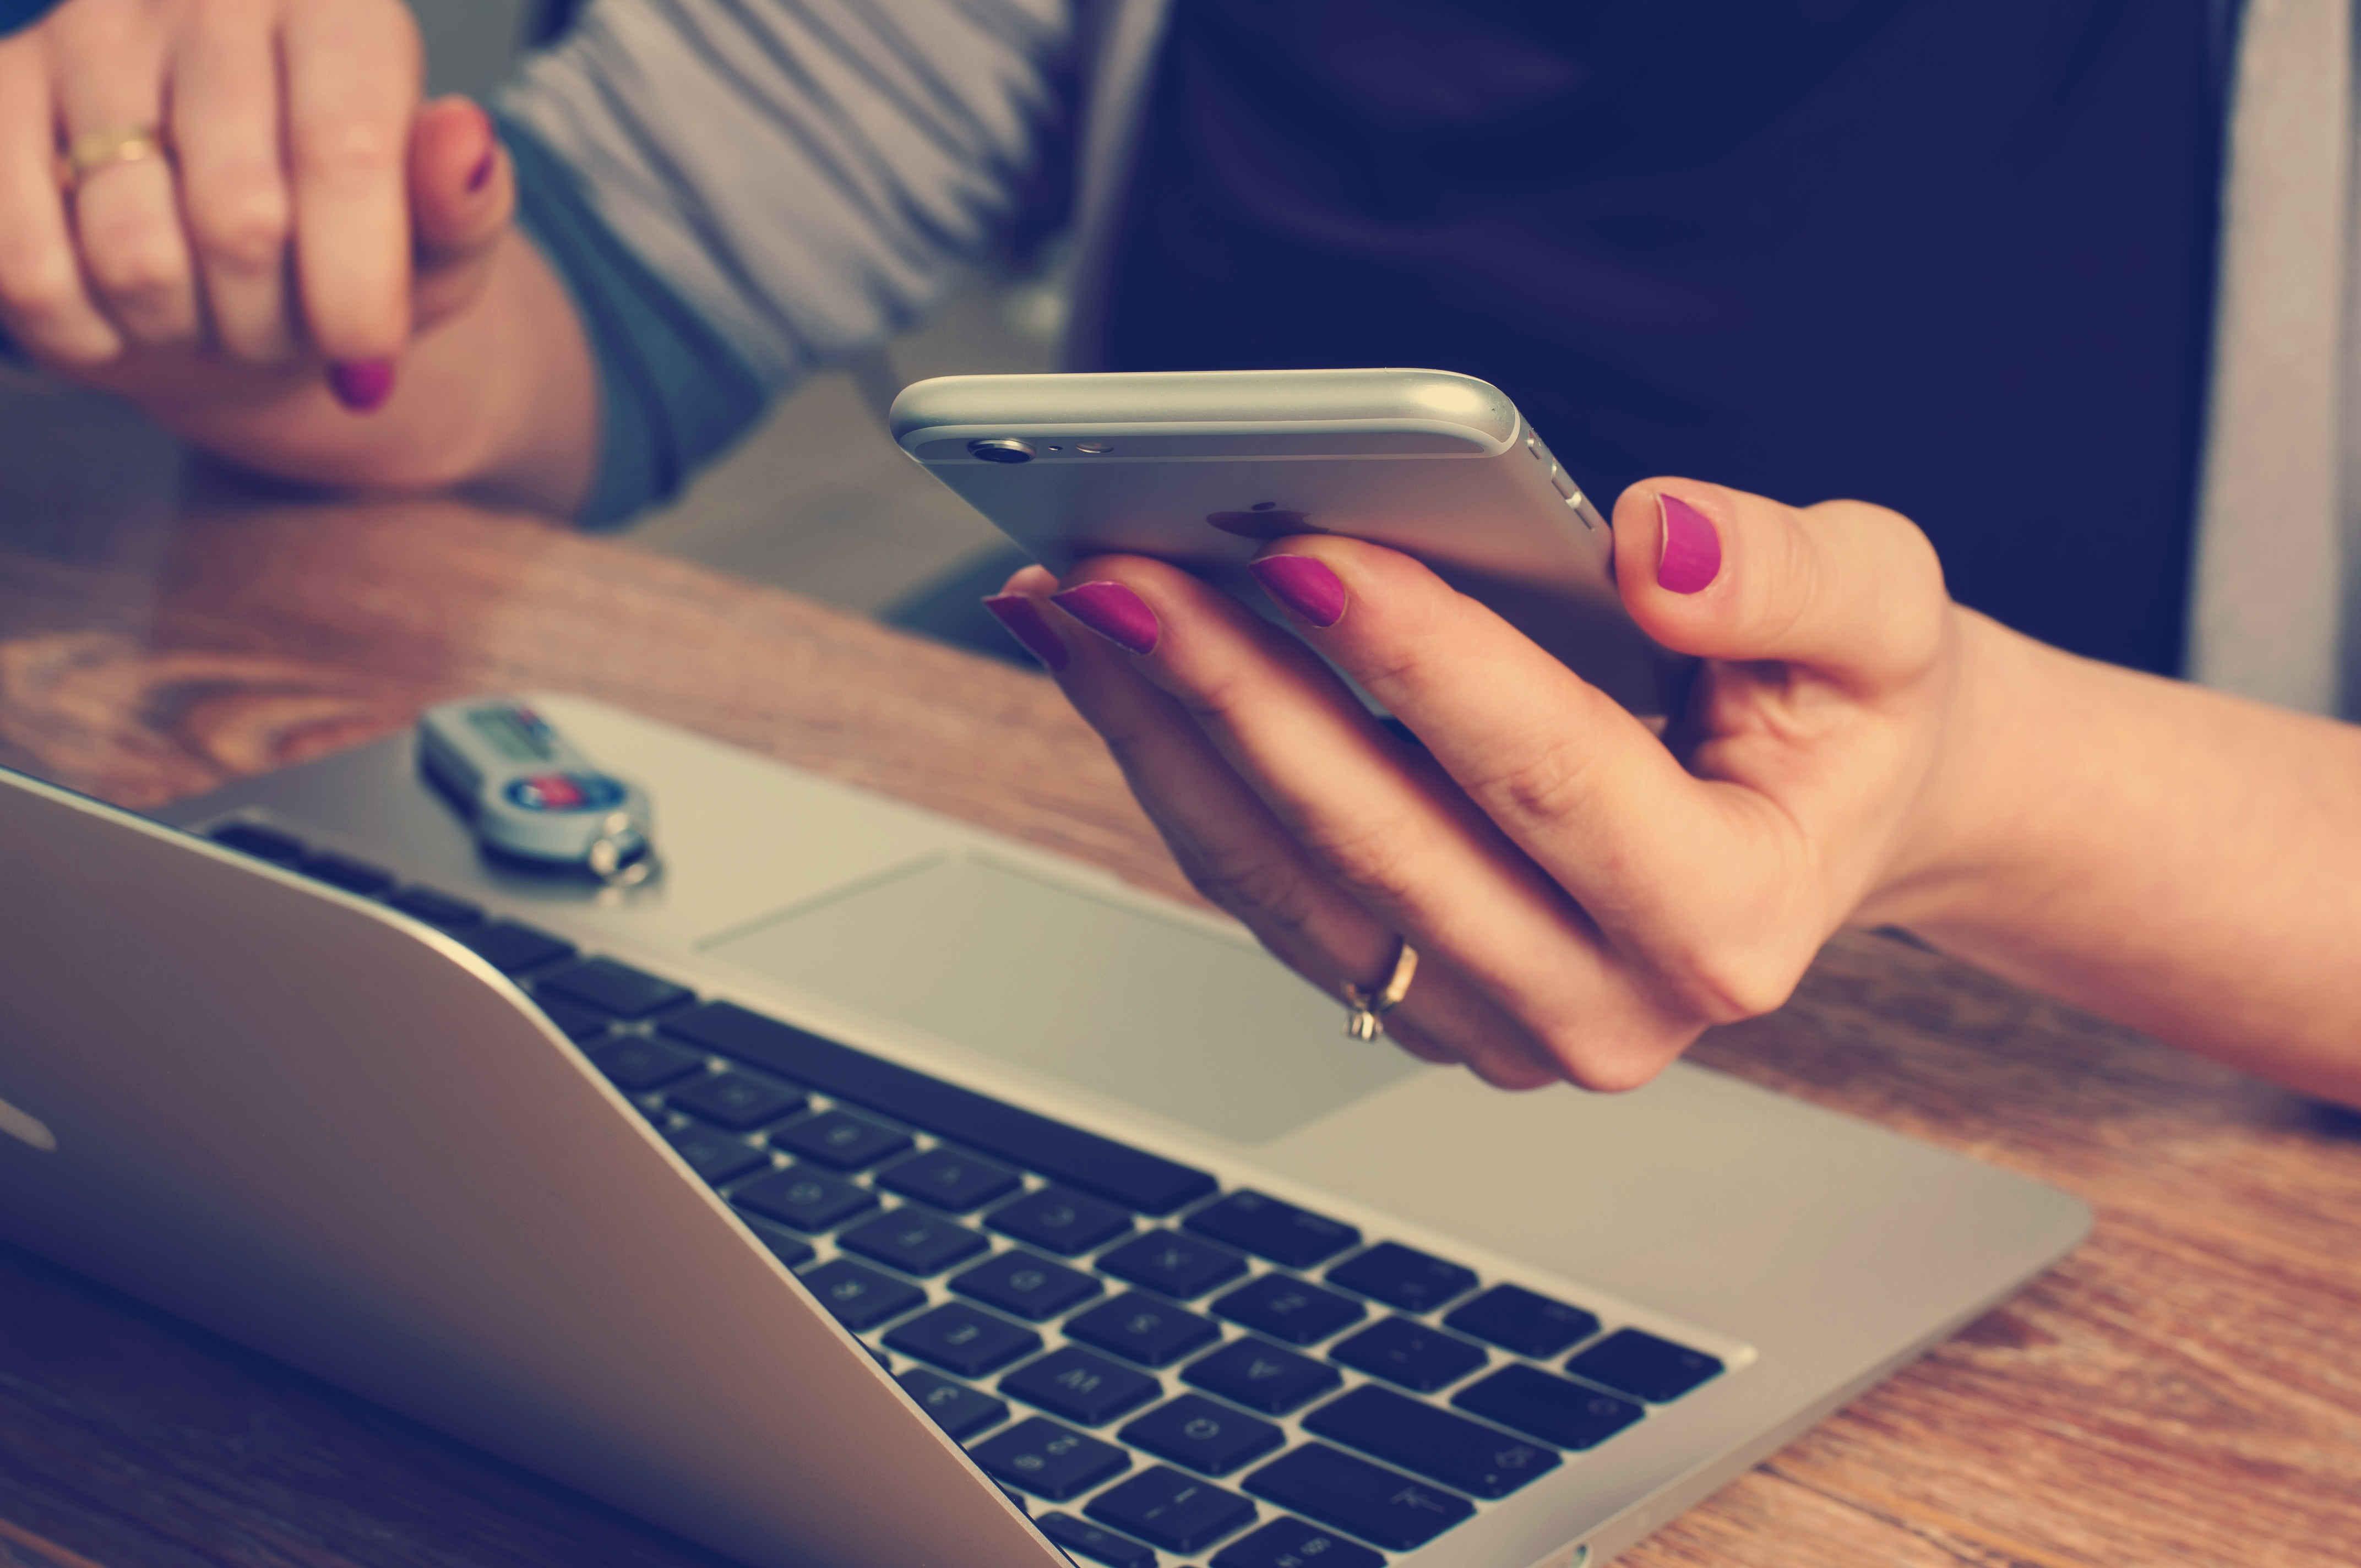 ۷ دلیل برای انجام آنلاین تحقیقات بازار، نظرسنجی مشتری و ارزیابی عملکرد کارکنان